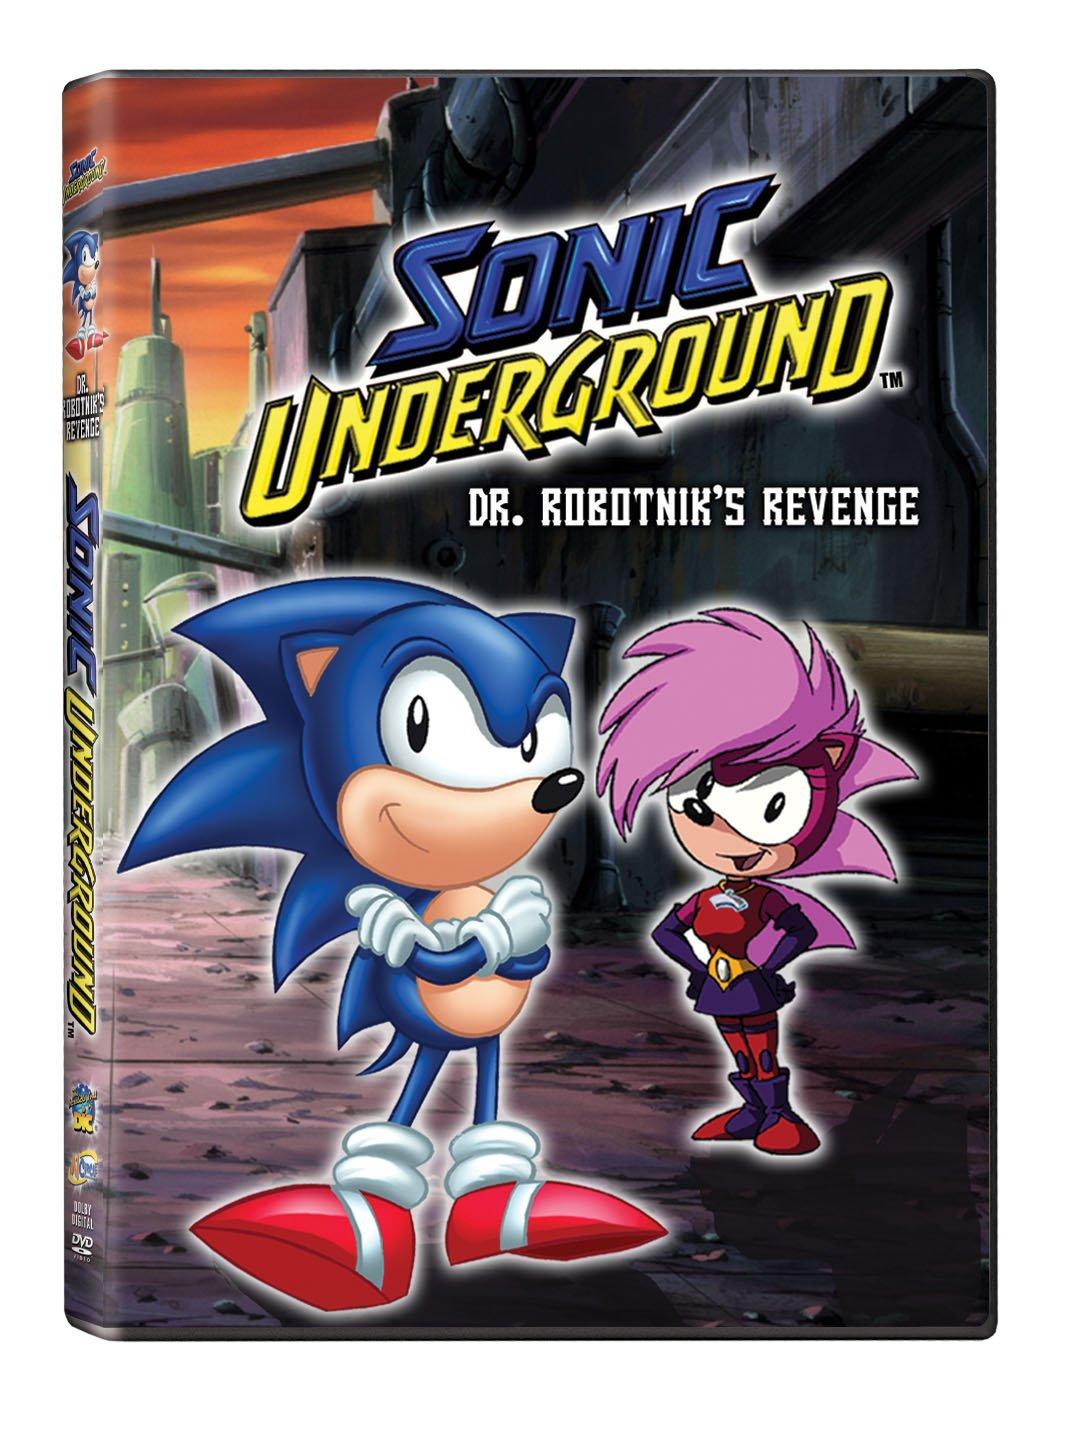 Amazon Com Sonic Underground Dr Robotnik S Revenge Sonic Underground Dr Robotnicks Revenge Movies Tv